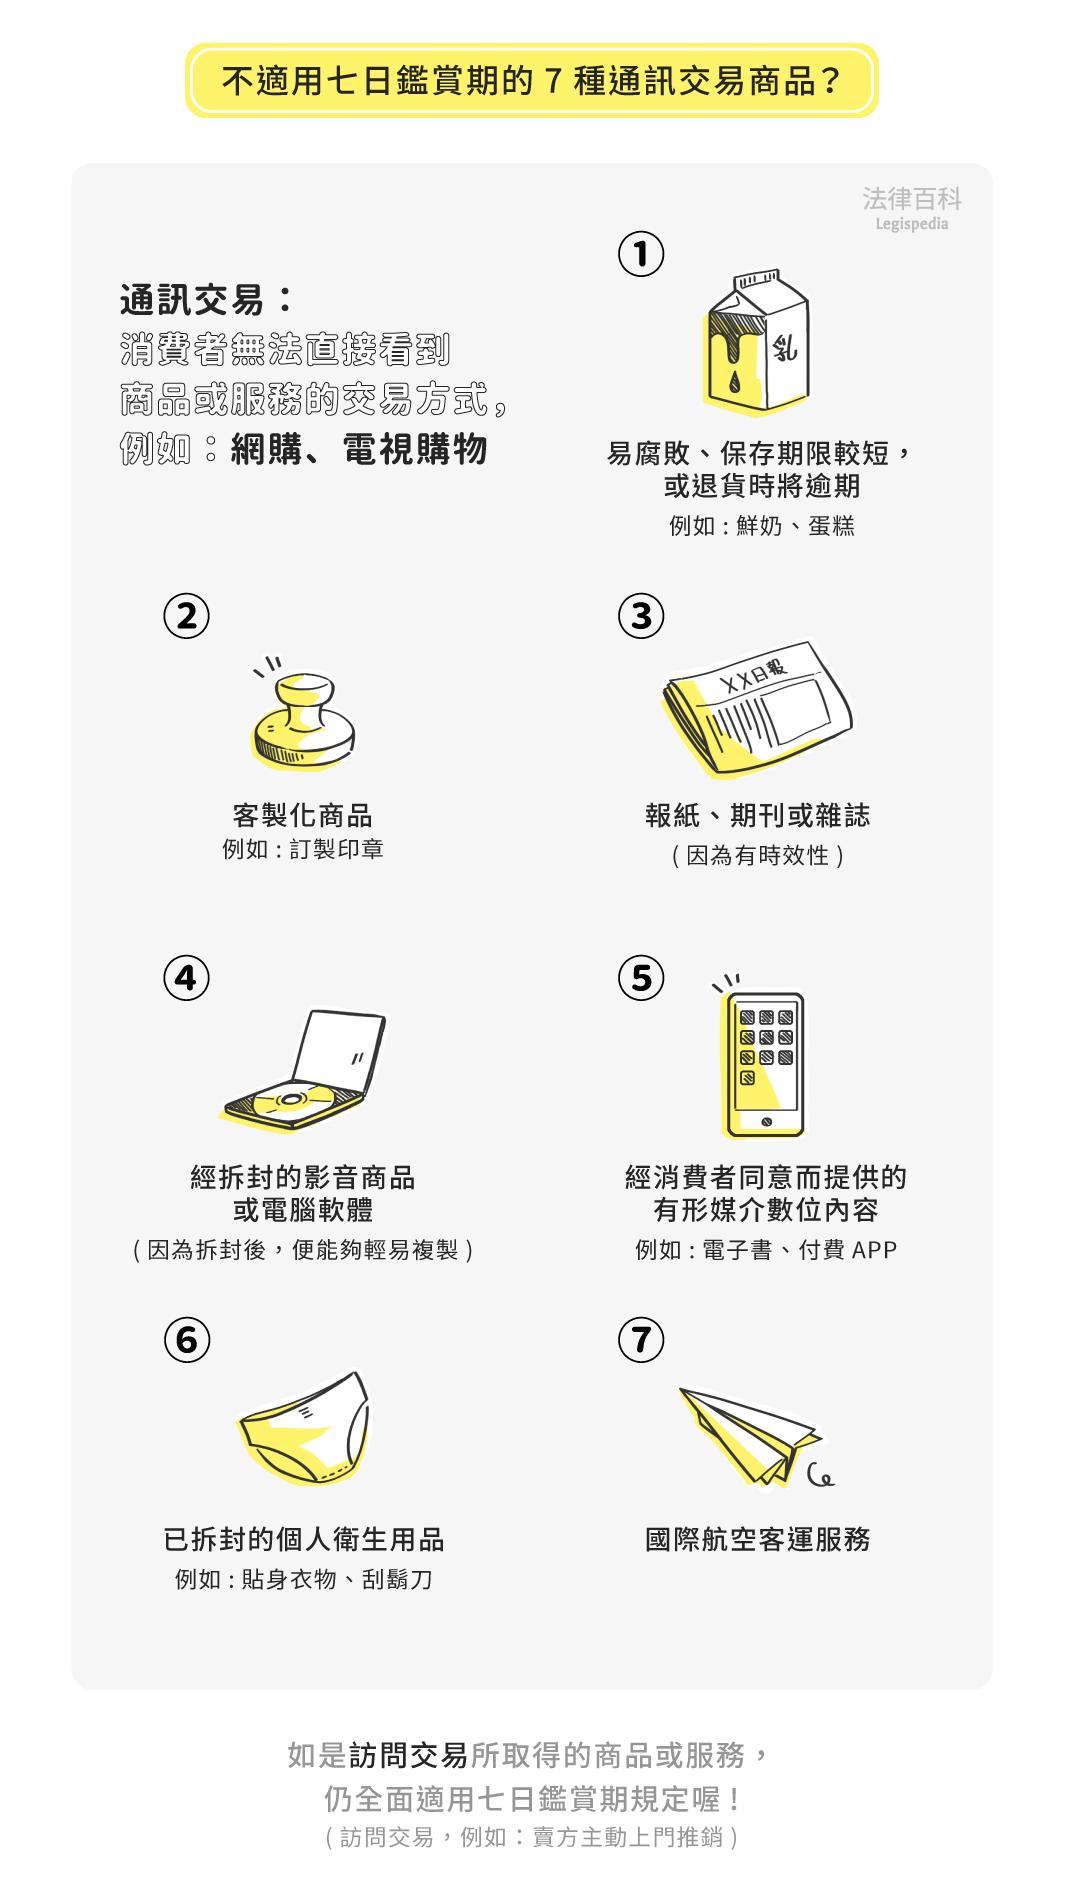 圖1 不適用七日鑑賞期的7種通訊交易商品?||資料來源:李昕 / 繪圖:Yen